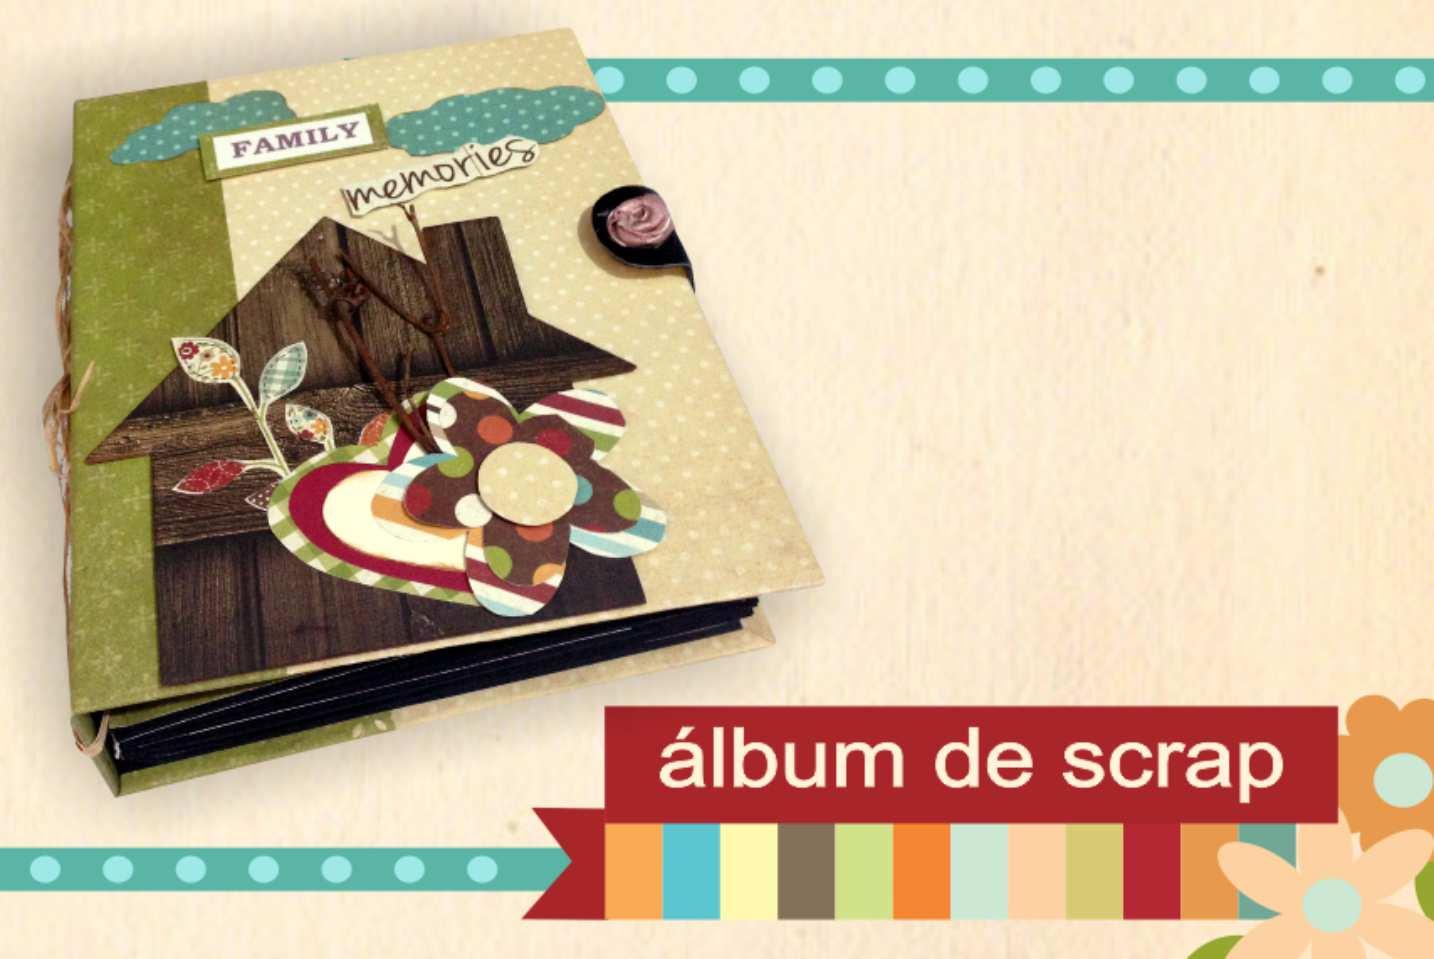 Álbum de Scrapbooking